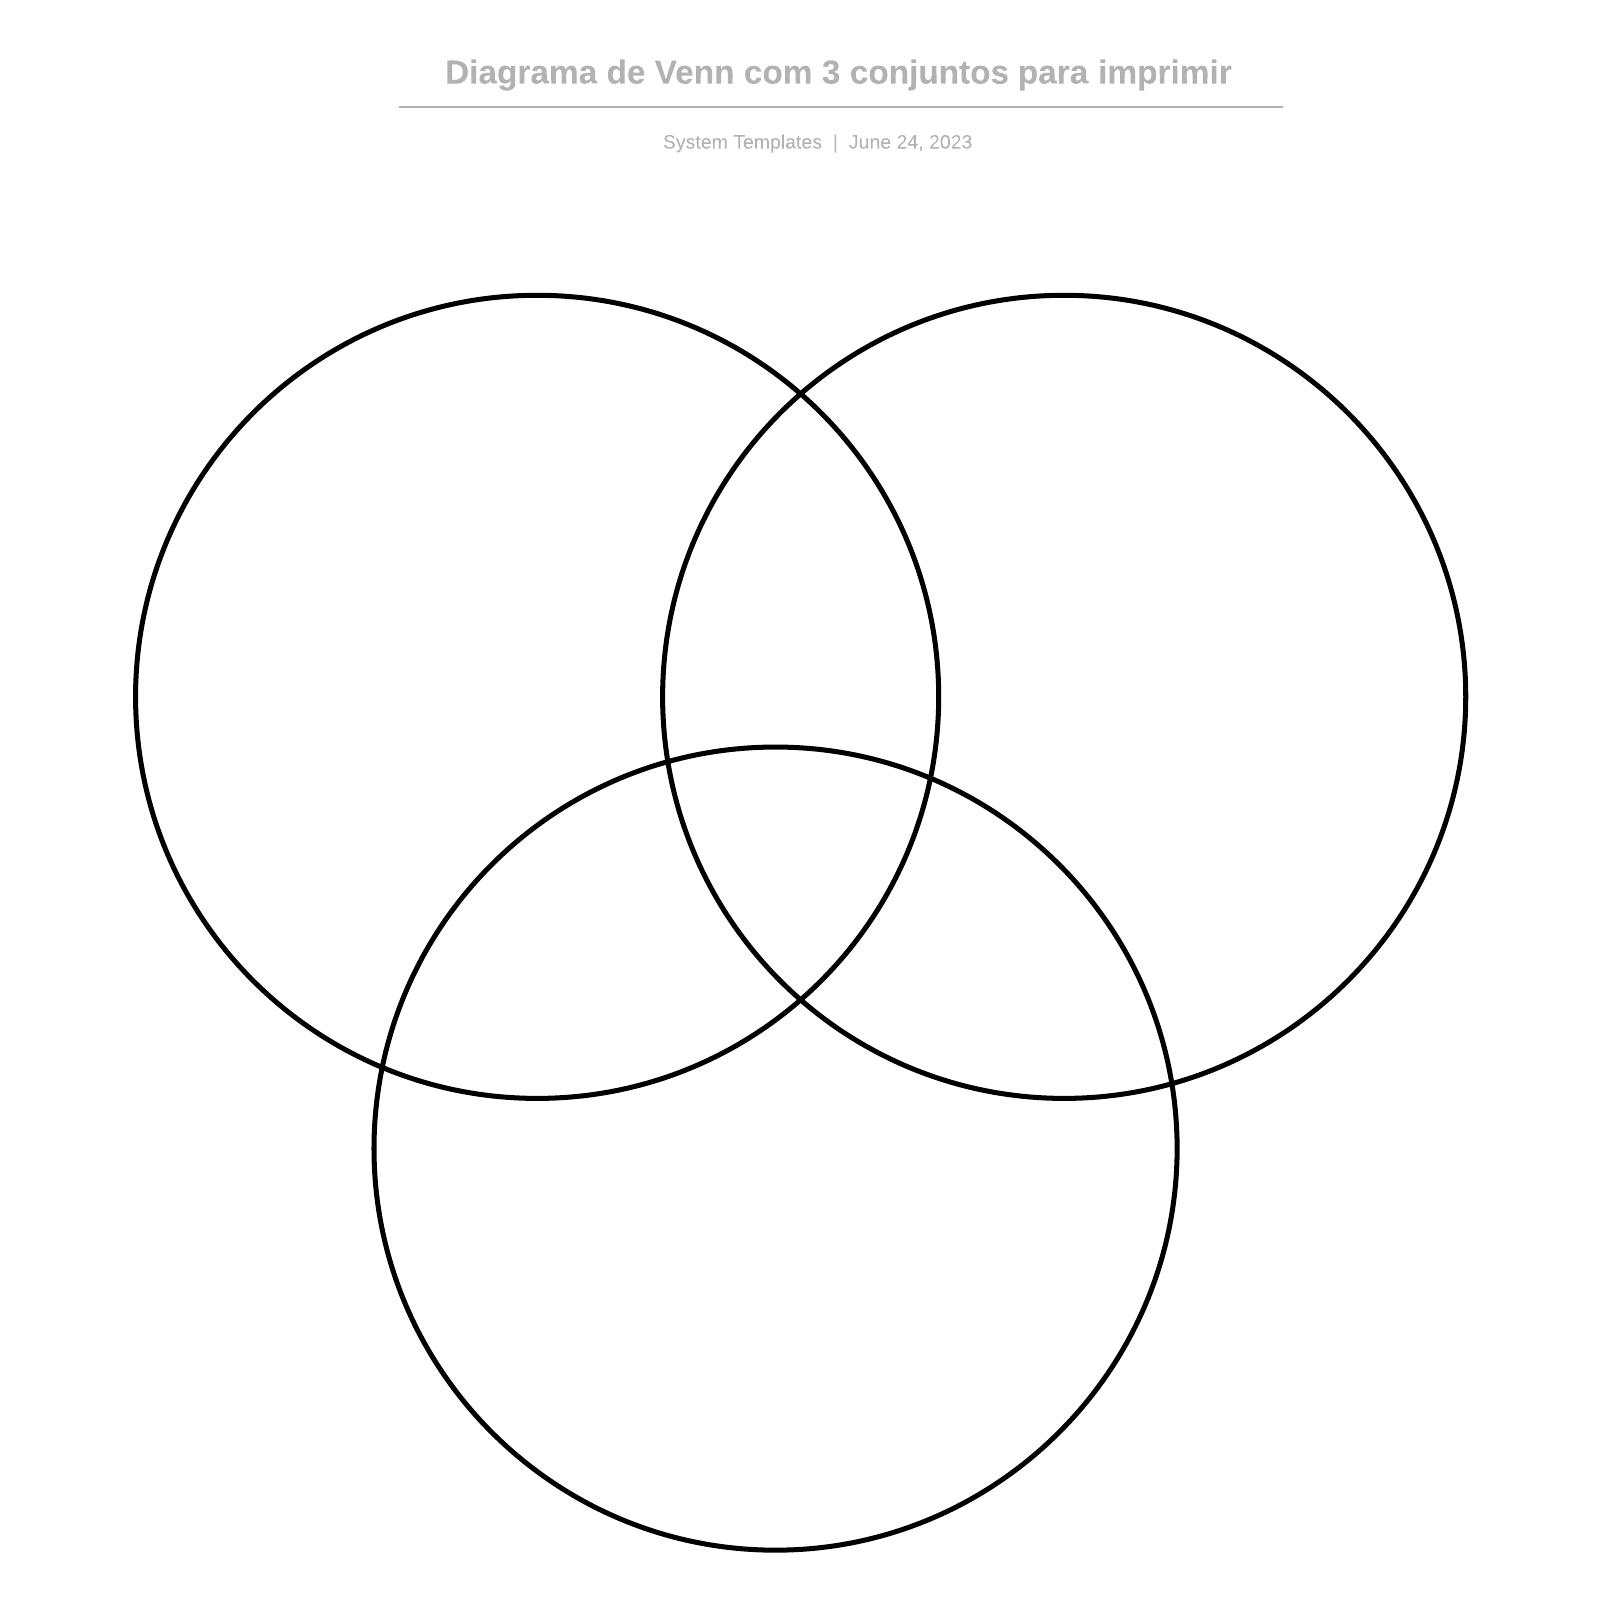 Diagrama de Venn com 3 conjuntos para imprimir